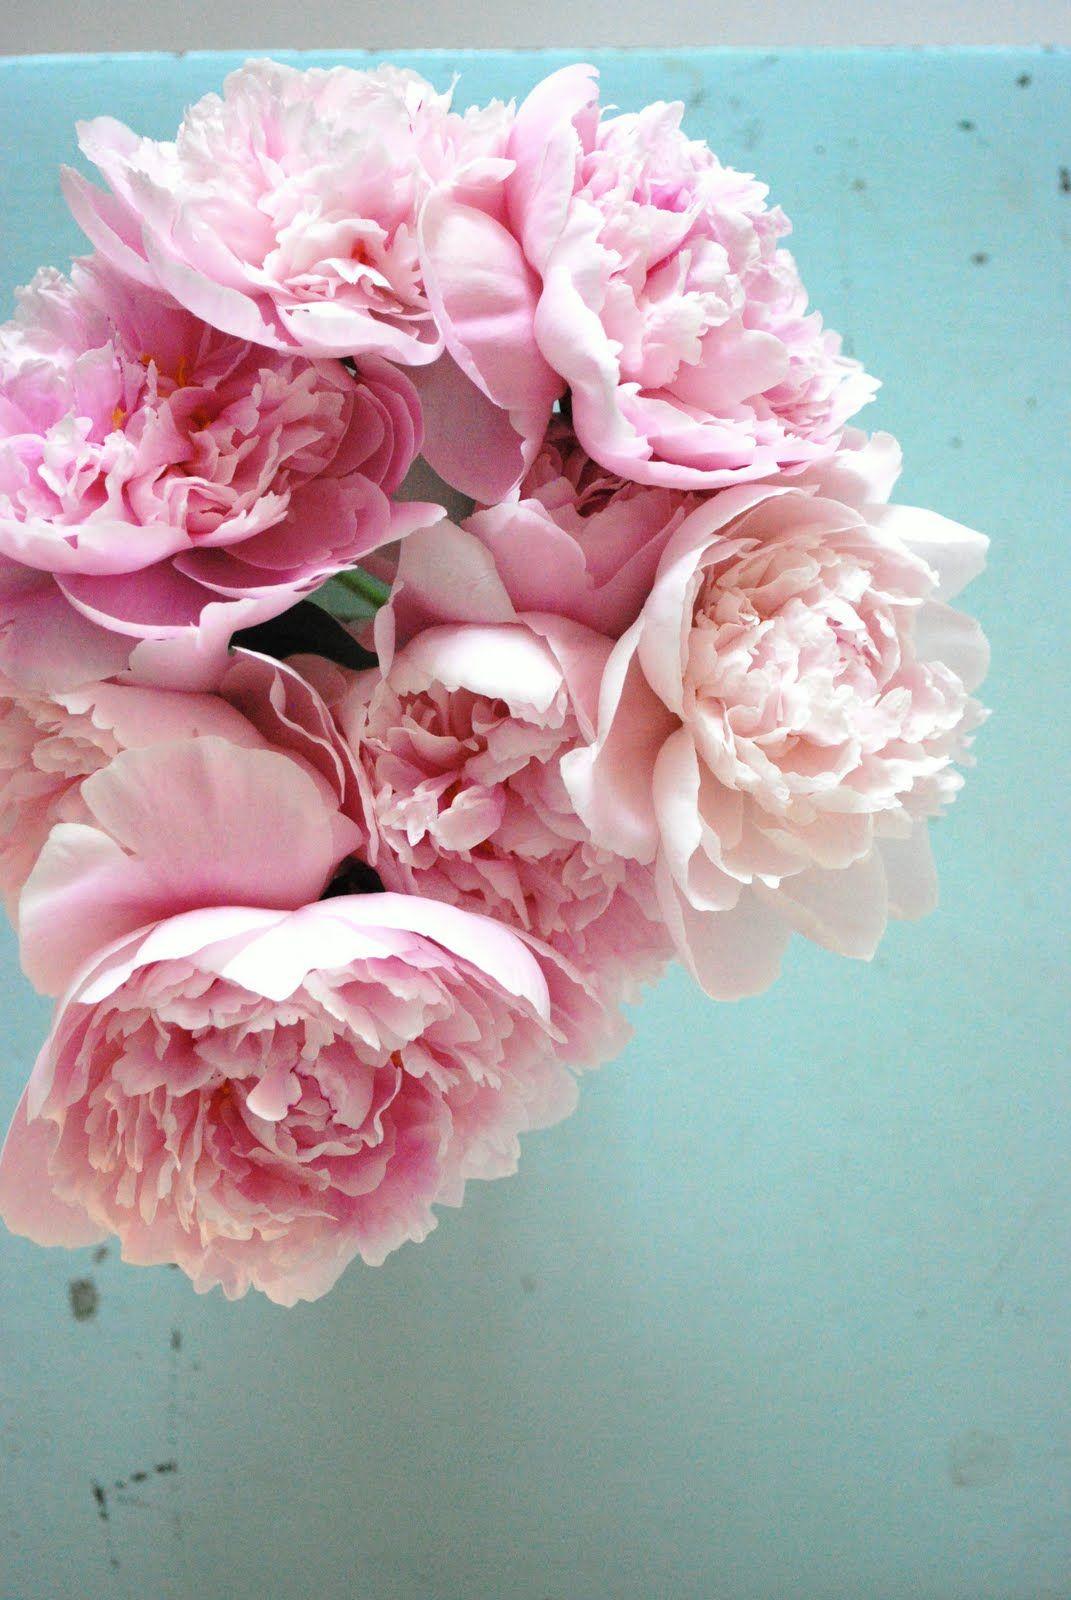 http://juliasvitadrommar.blogspot.com.es/search?updated-max=2010-08-04T19:57:00%2B02:00=7